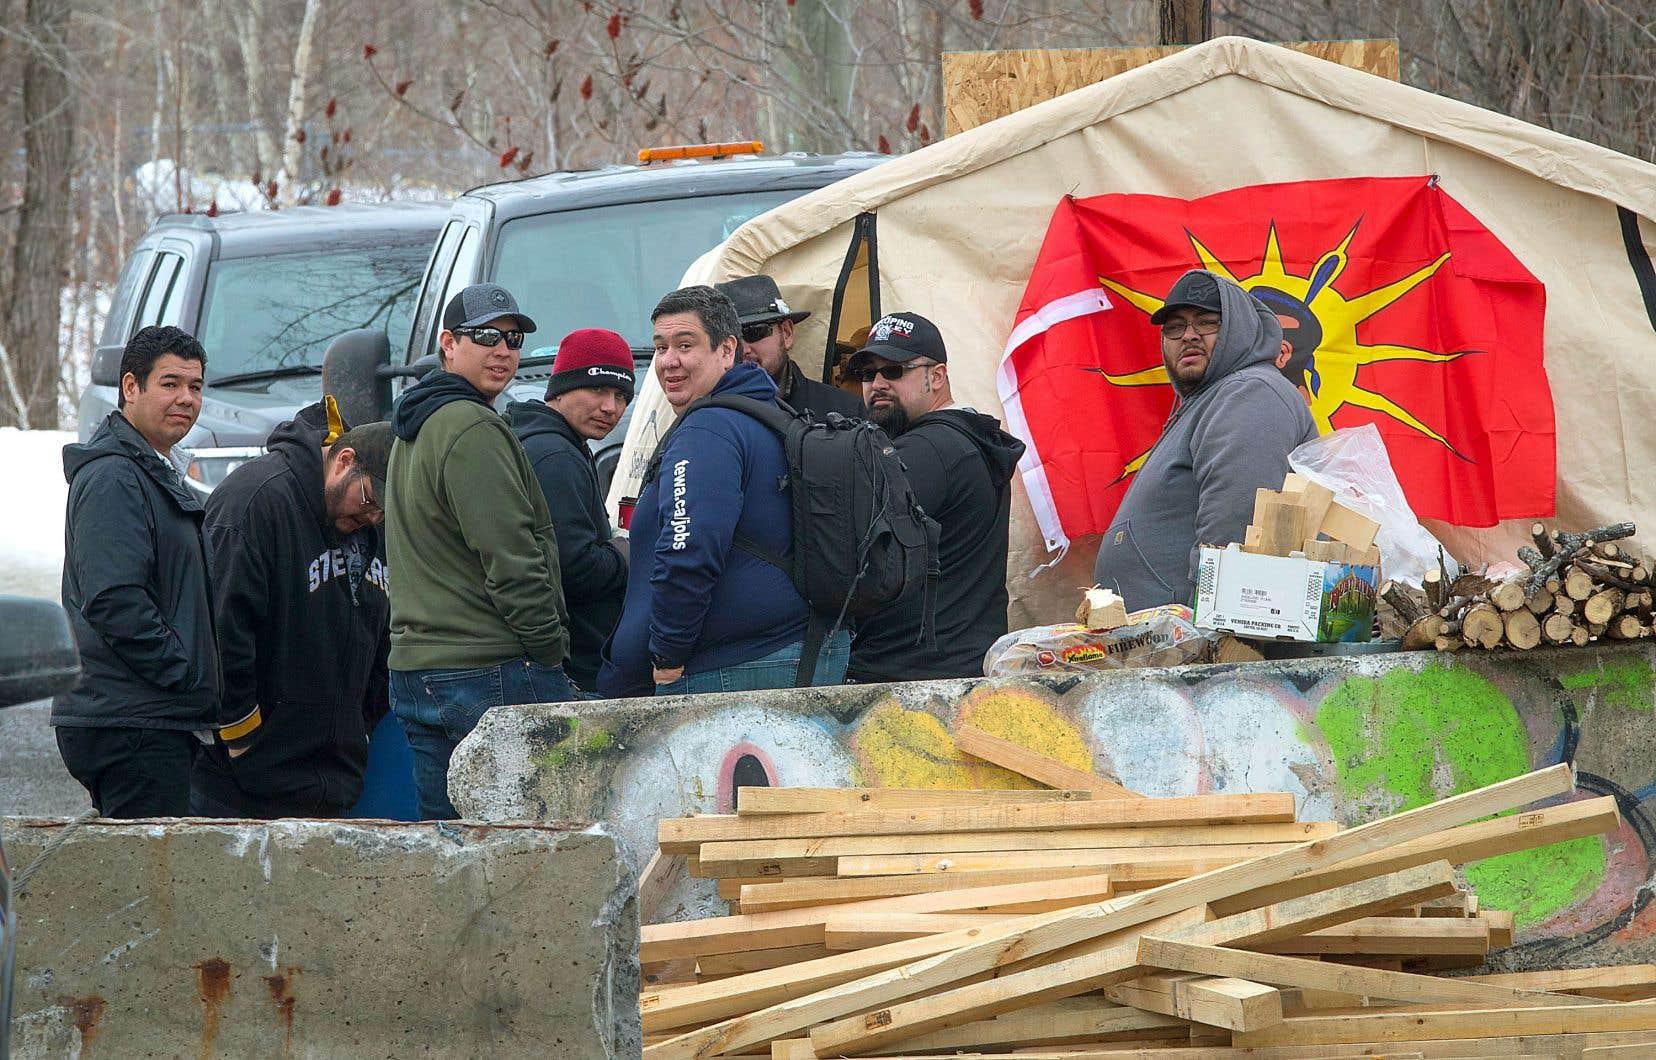 Les Mohawks de Kahnawake ont clairement fait savoir qu'ils ne se conformeront pas à l'injonction visant à faire rouvrir la voie ferrée.